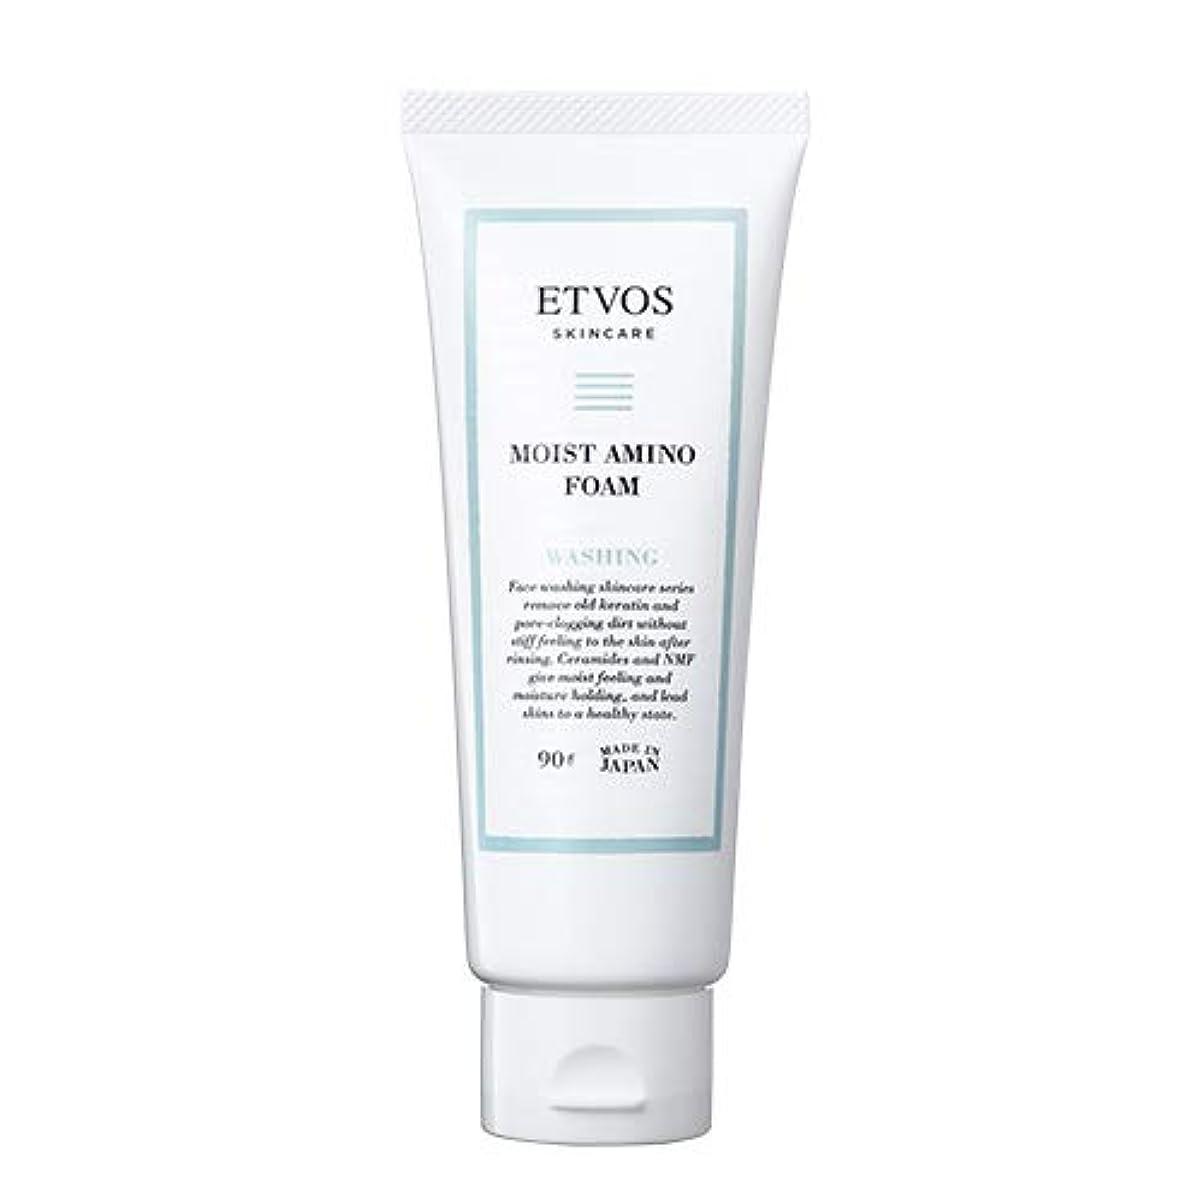 罰する知覚できるパトロールETVOS(エトヴォス) 洗顔フォーム モイストアミノフォーム 90g ヒト型セラミド アミノ酸系 乾燥肌/敏感肌